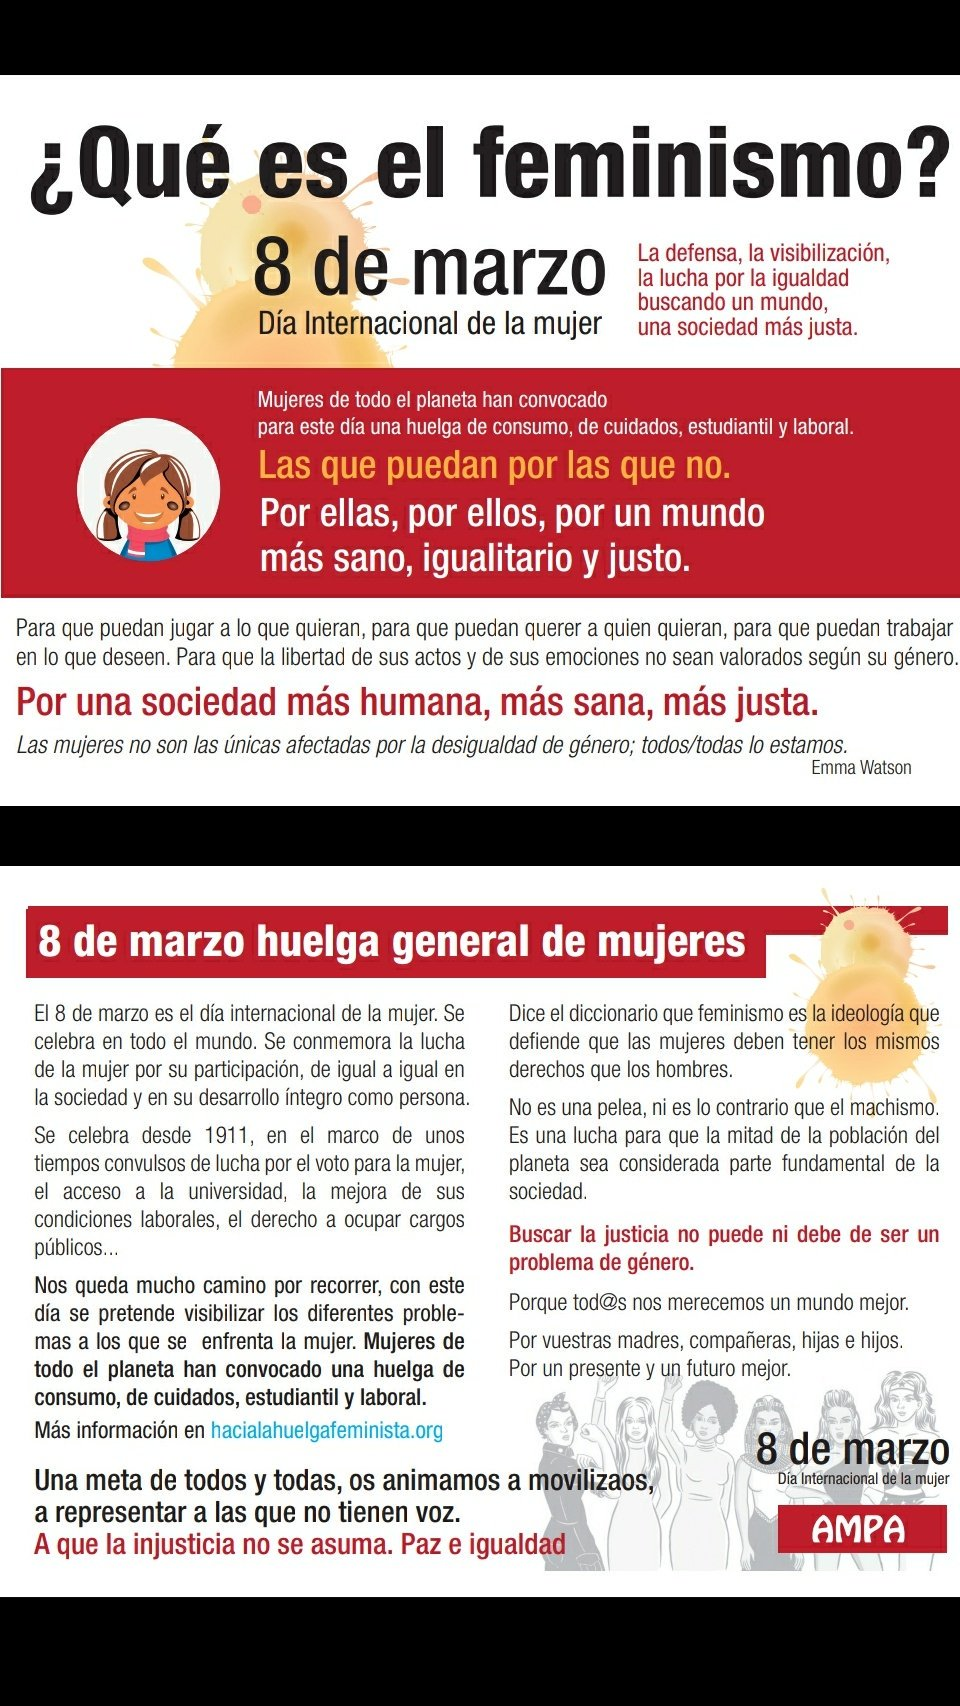 Vía hacialahuelgafeminista.org